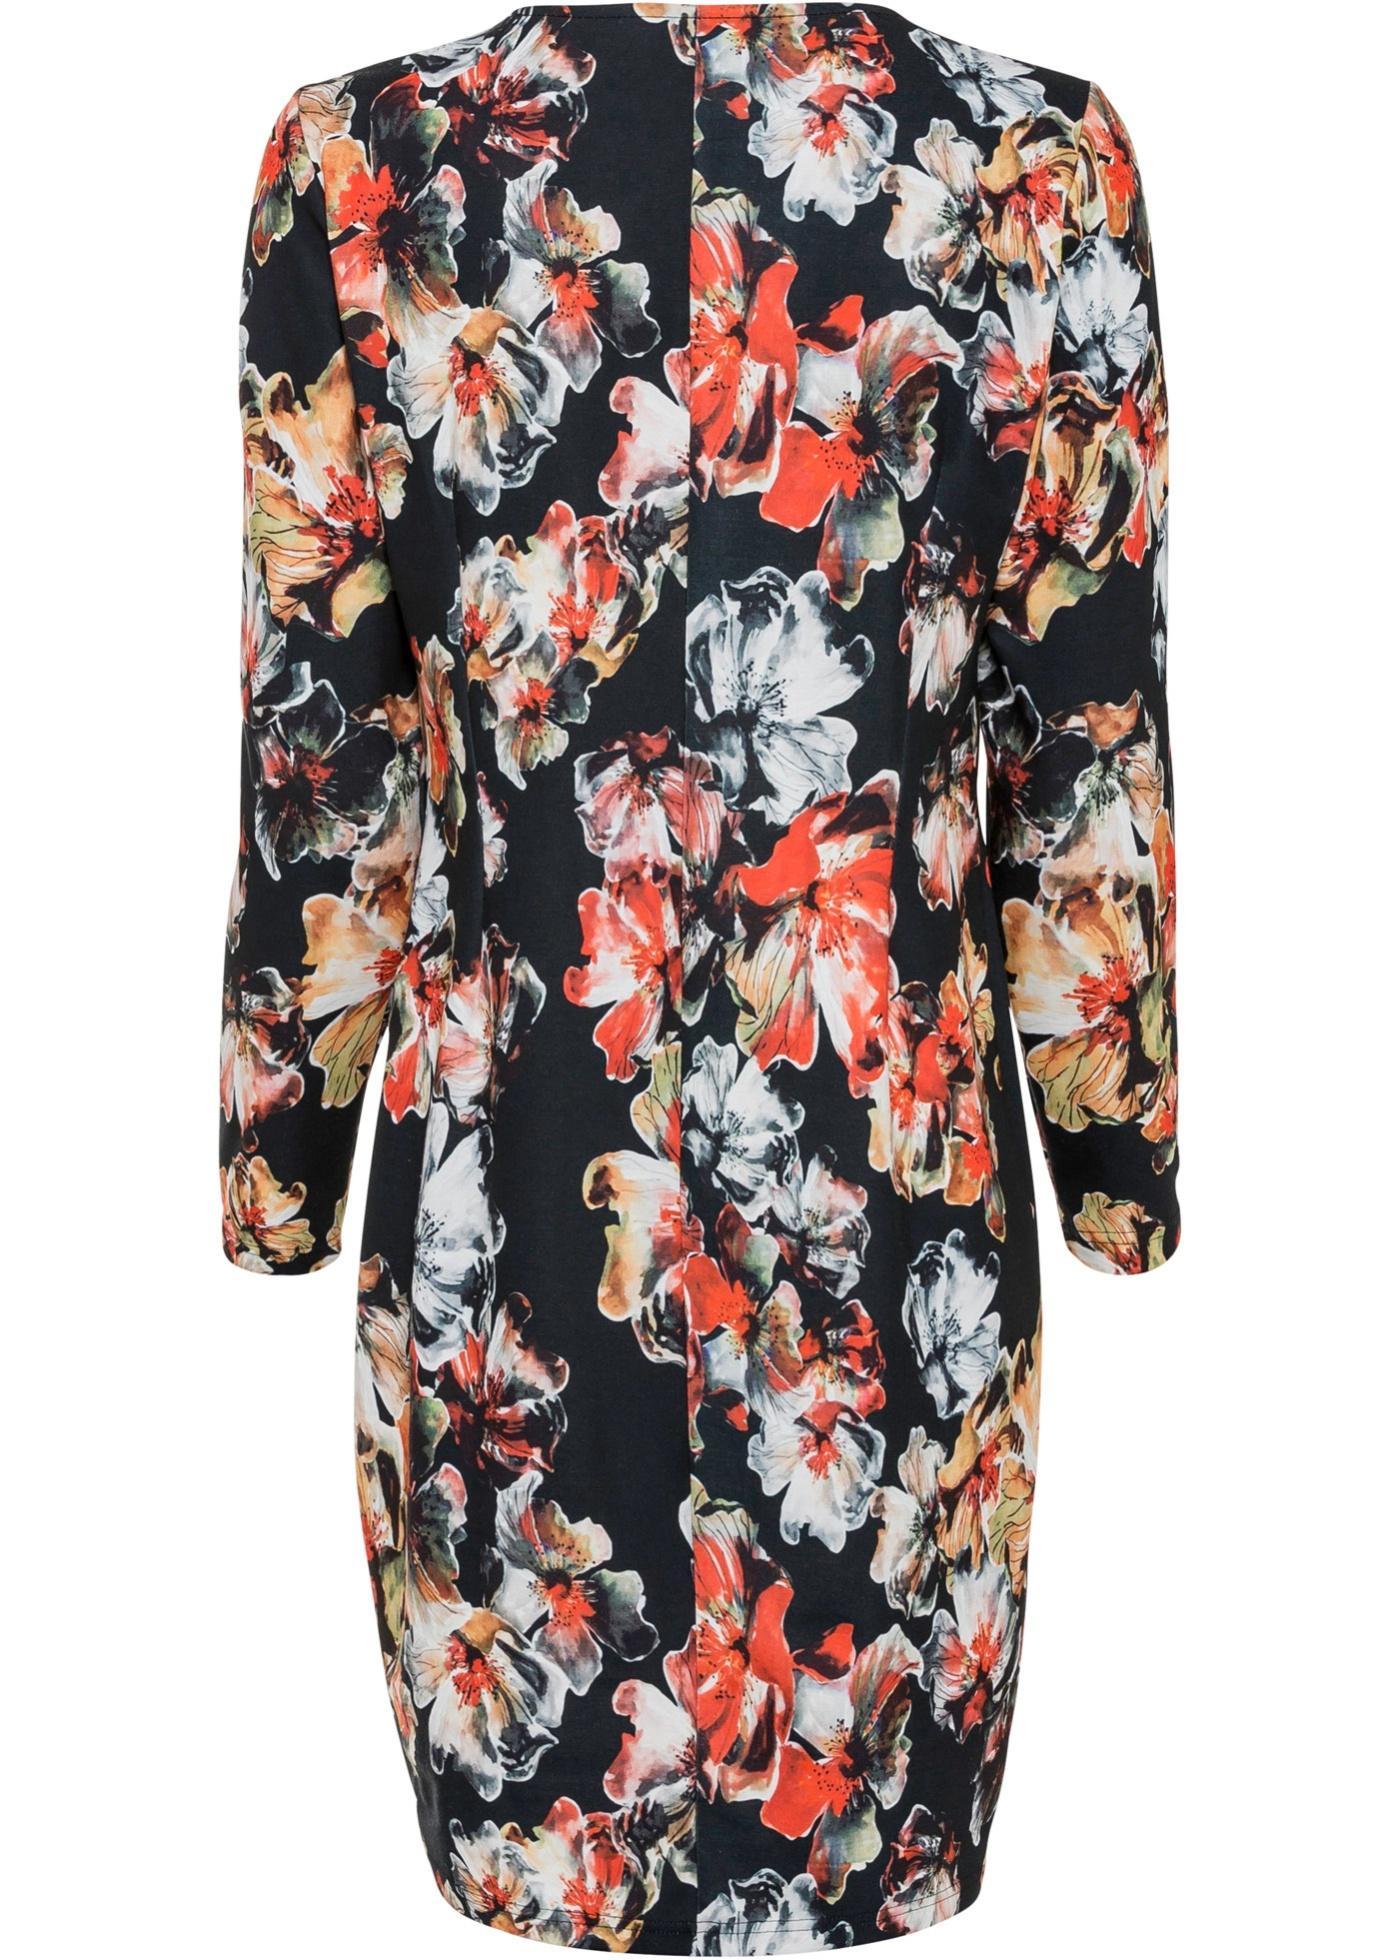 Jersey jurk met print, lange mouw